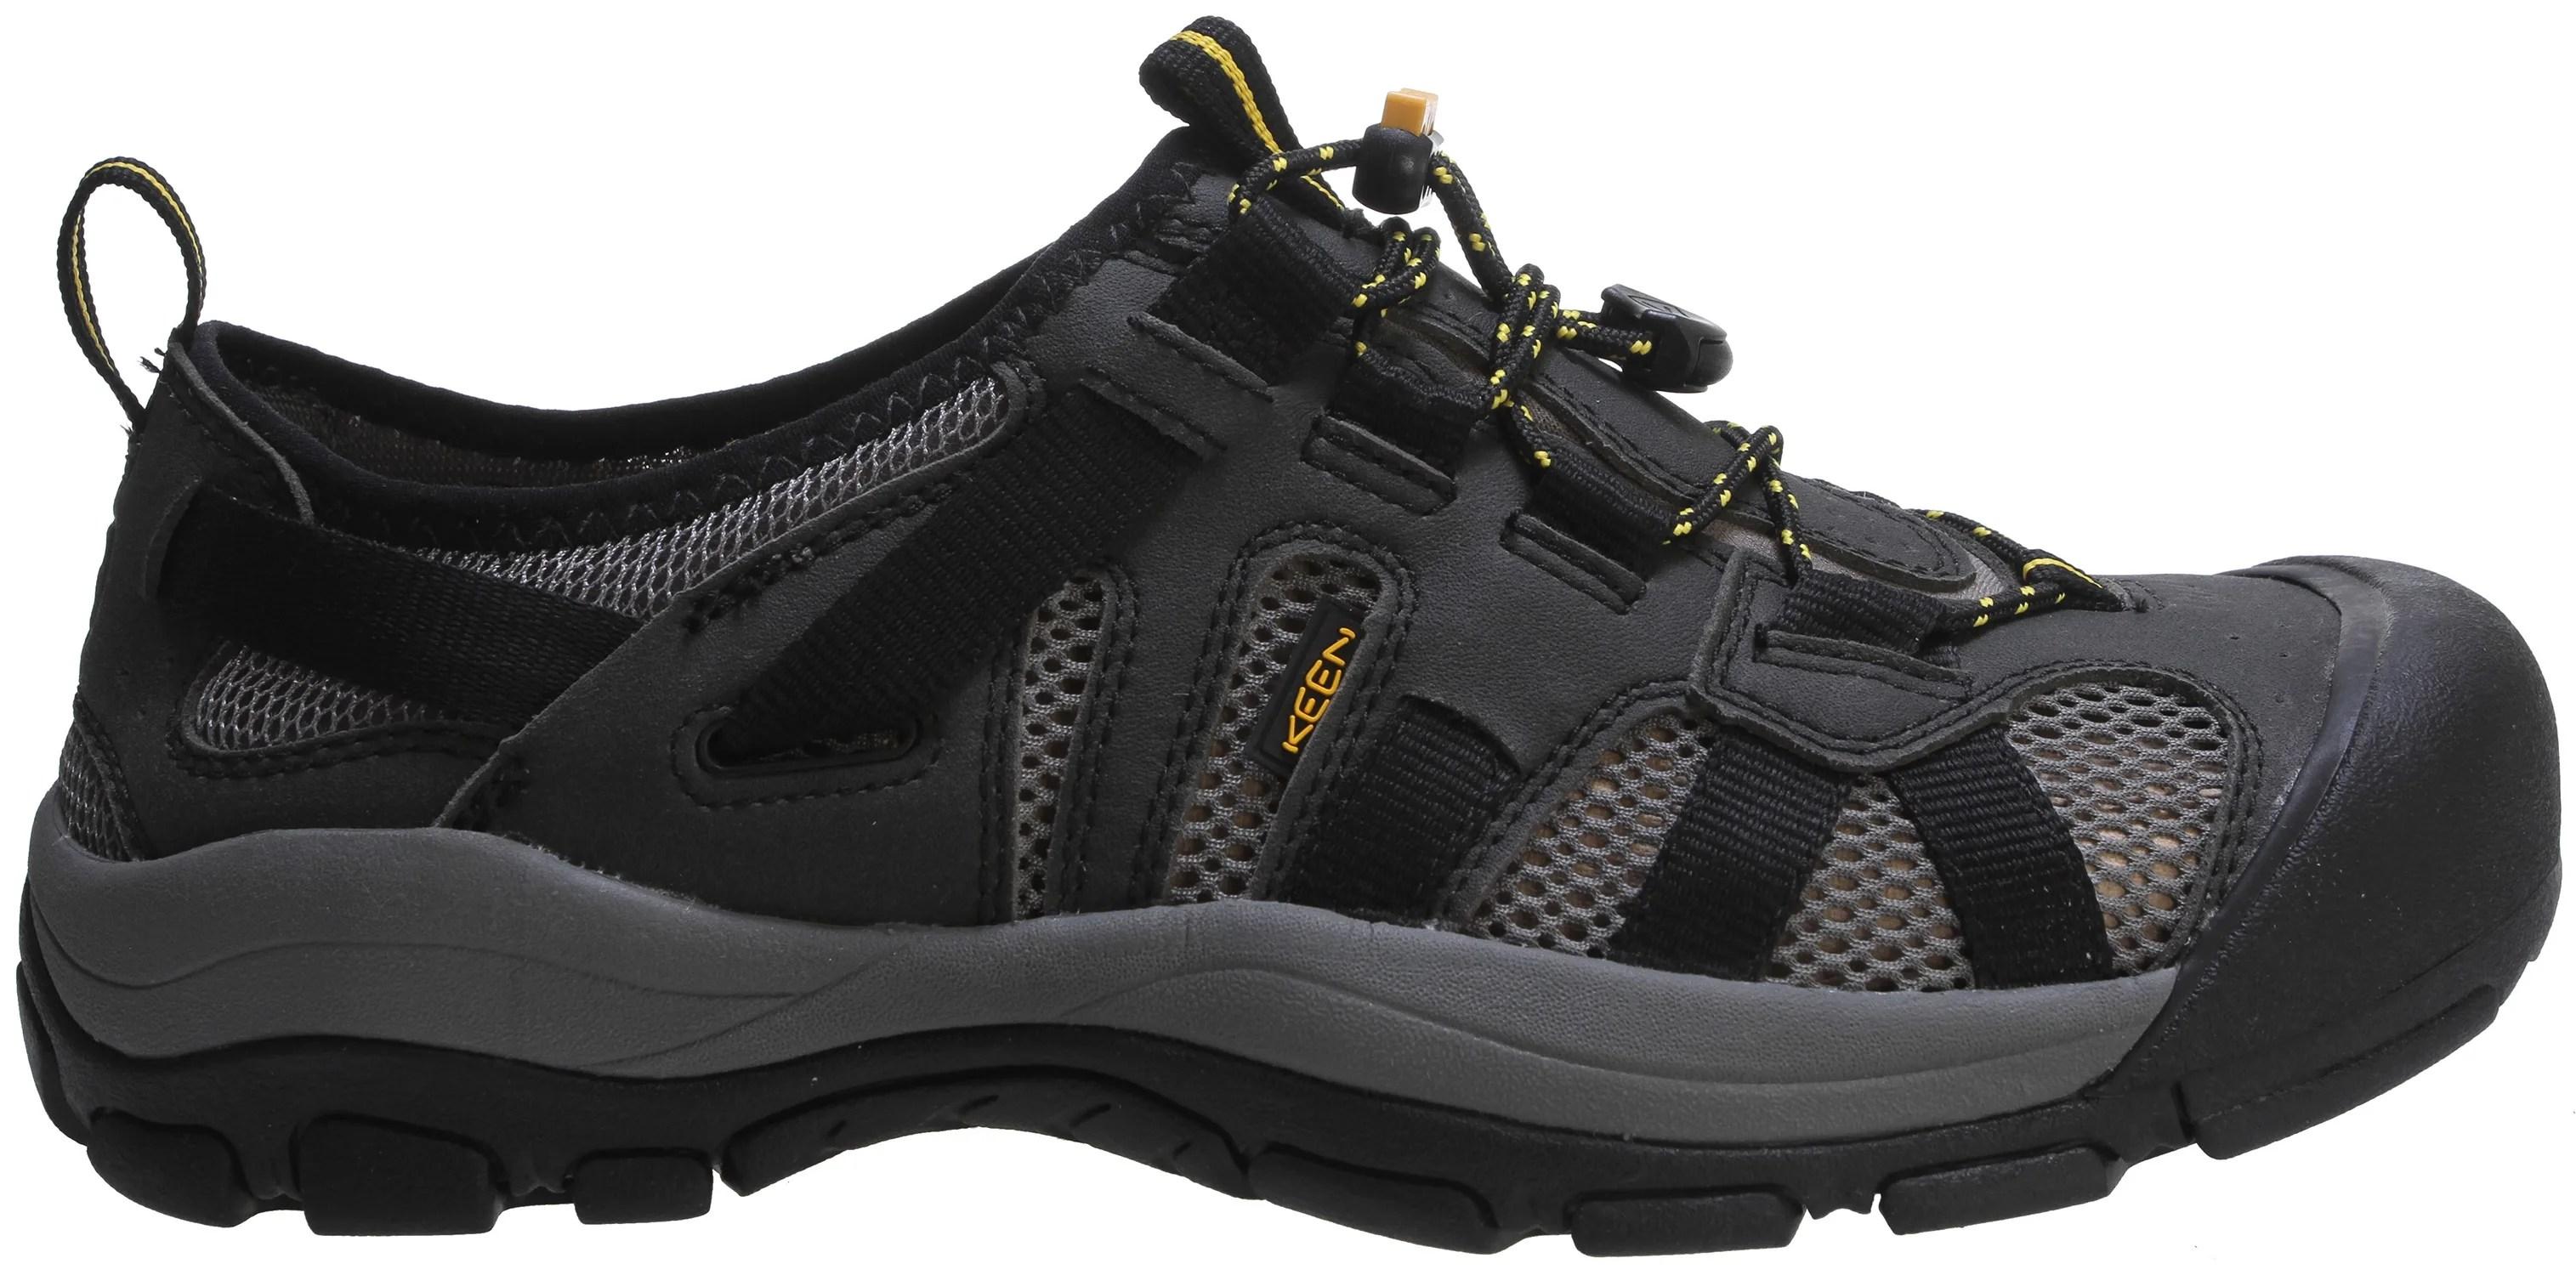 Keen Running Shoes